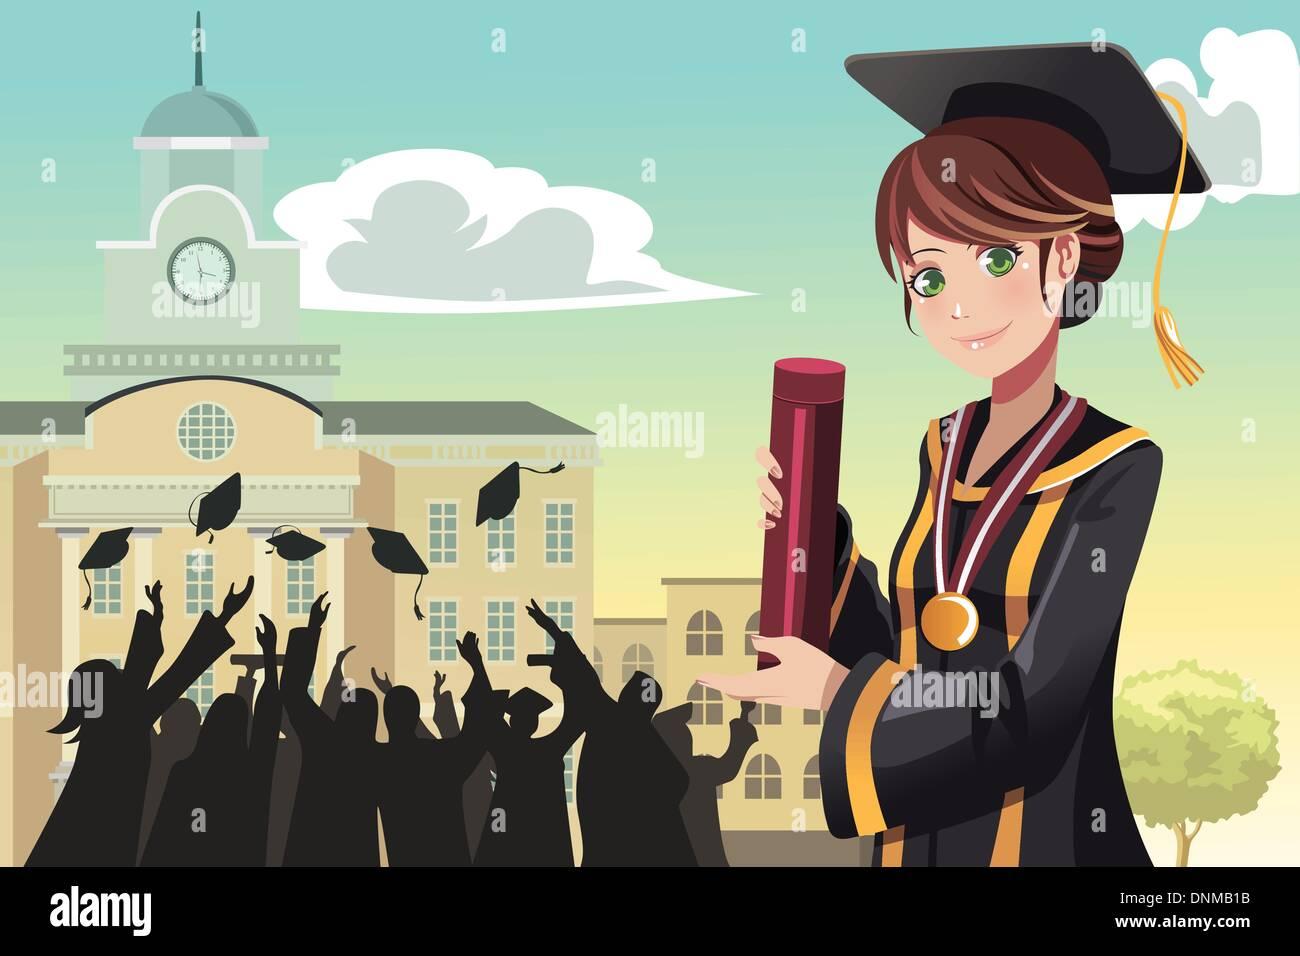 Eine Vektor-Illustration von einem Abschluss Mädchen hält ihr Diplom mit ihren Freunden im Hintergrund Stockbild